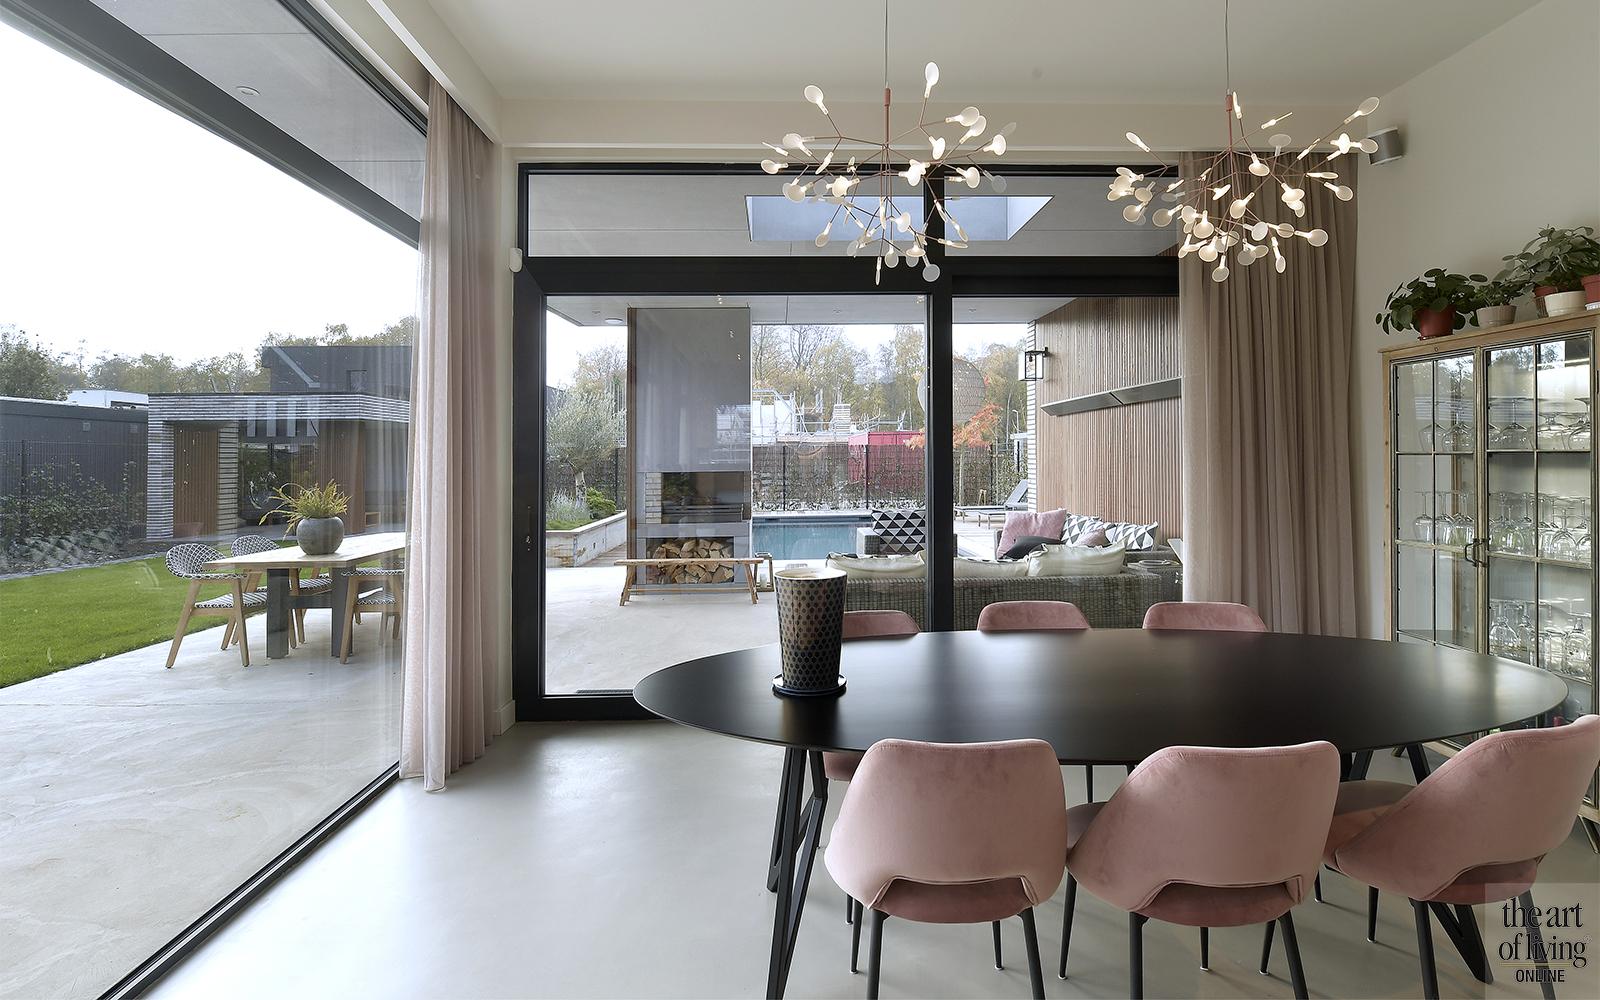 Nieuwbouw villa, Van Leent bouw, modern, zwembad, hout, strakke lijnen